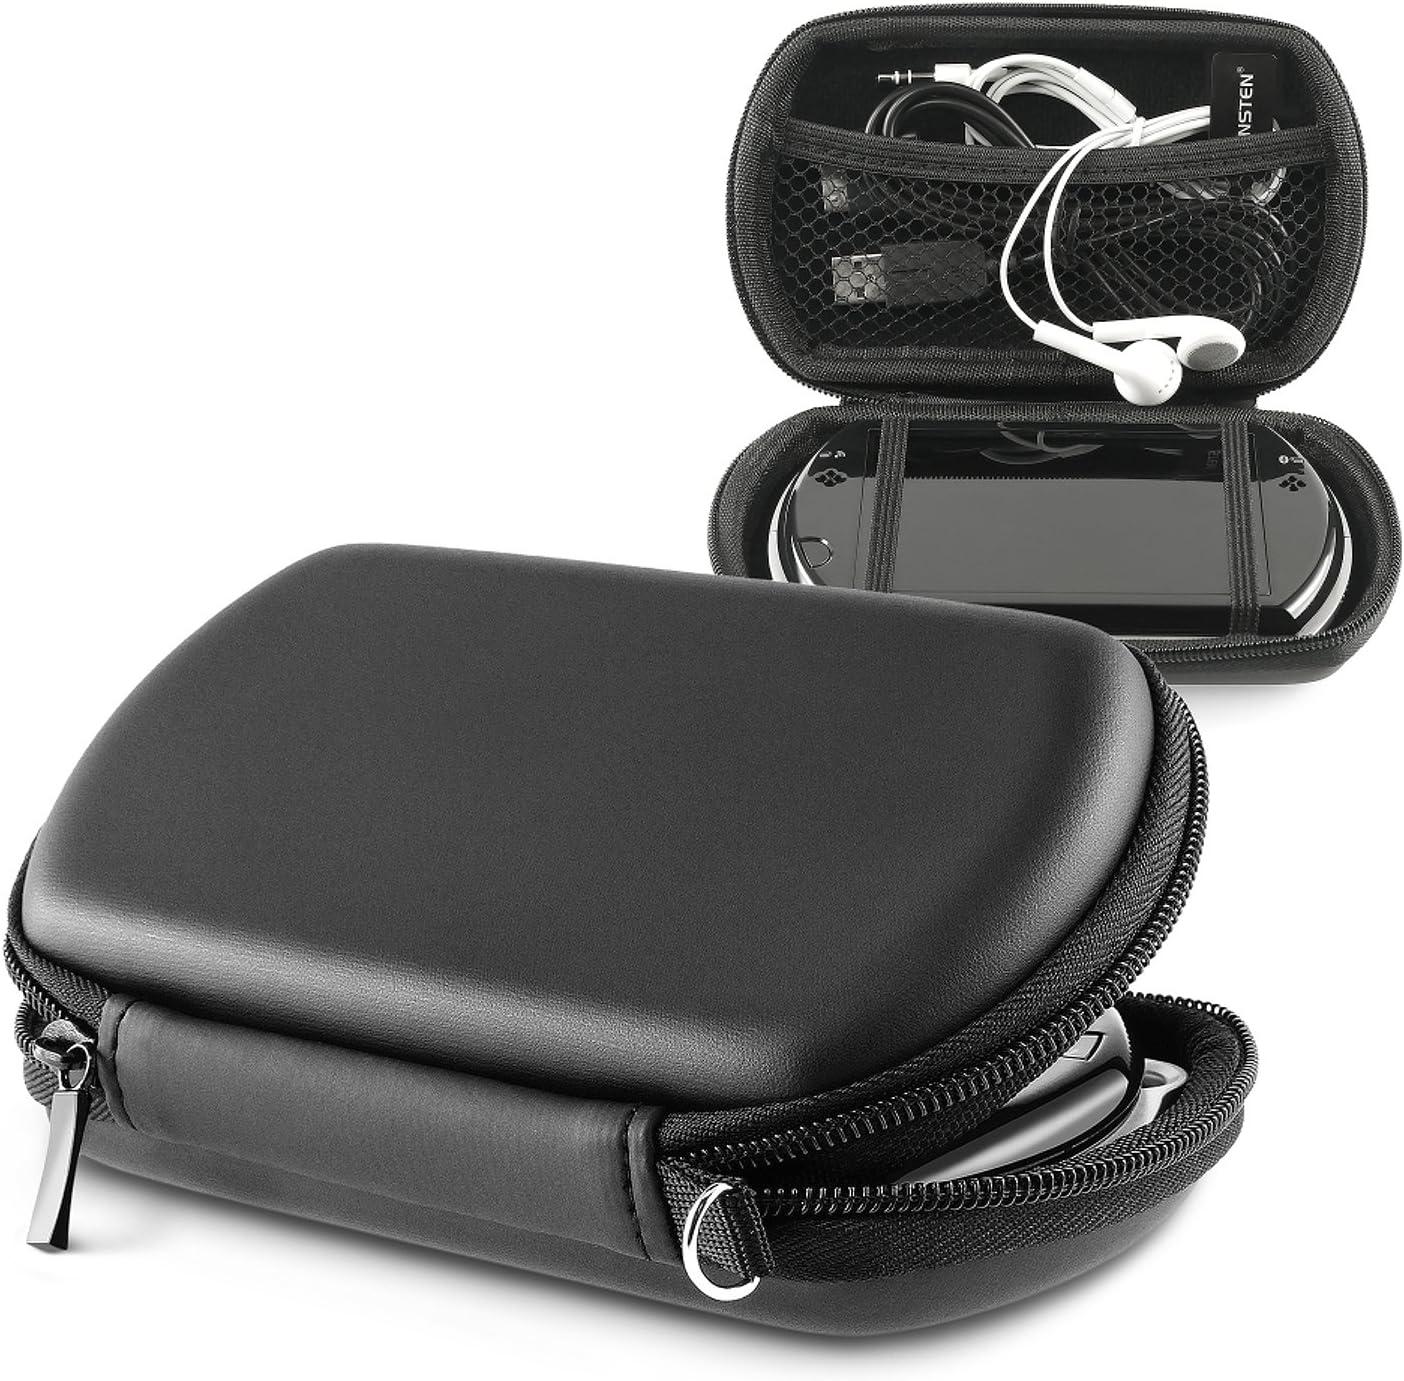 Insten el PSP Go PSPGo accesorios. Prima duro Nuevo Negro airform caso que lleva de Sony PSP Go: Amazon.es: Videojuegos